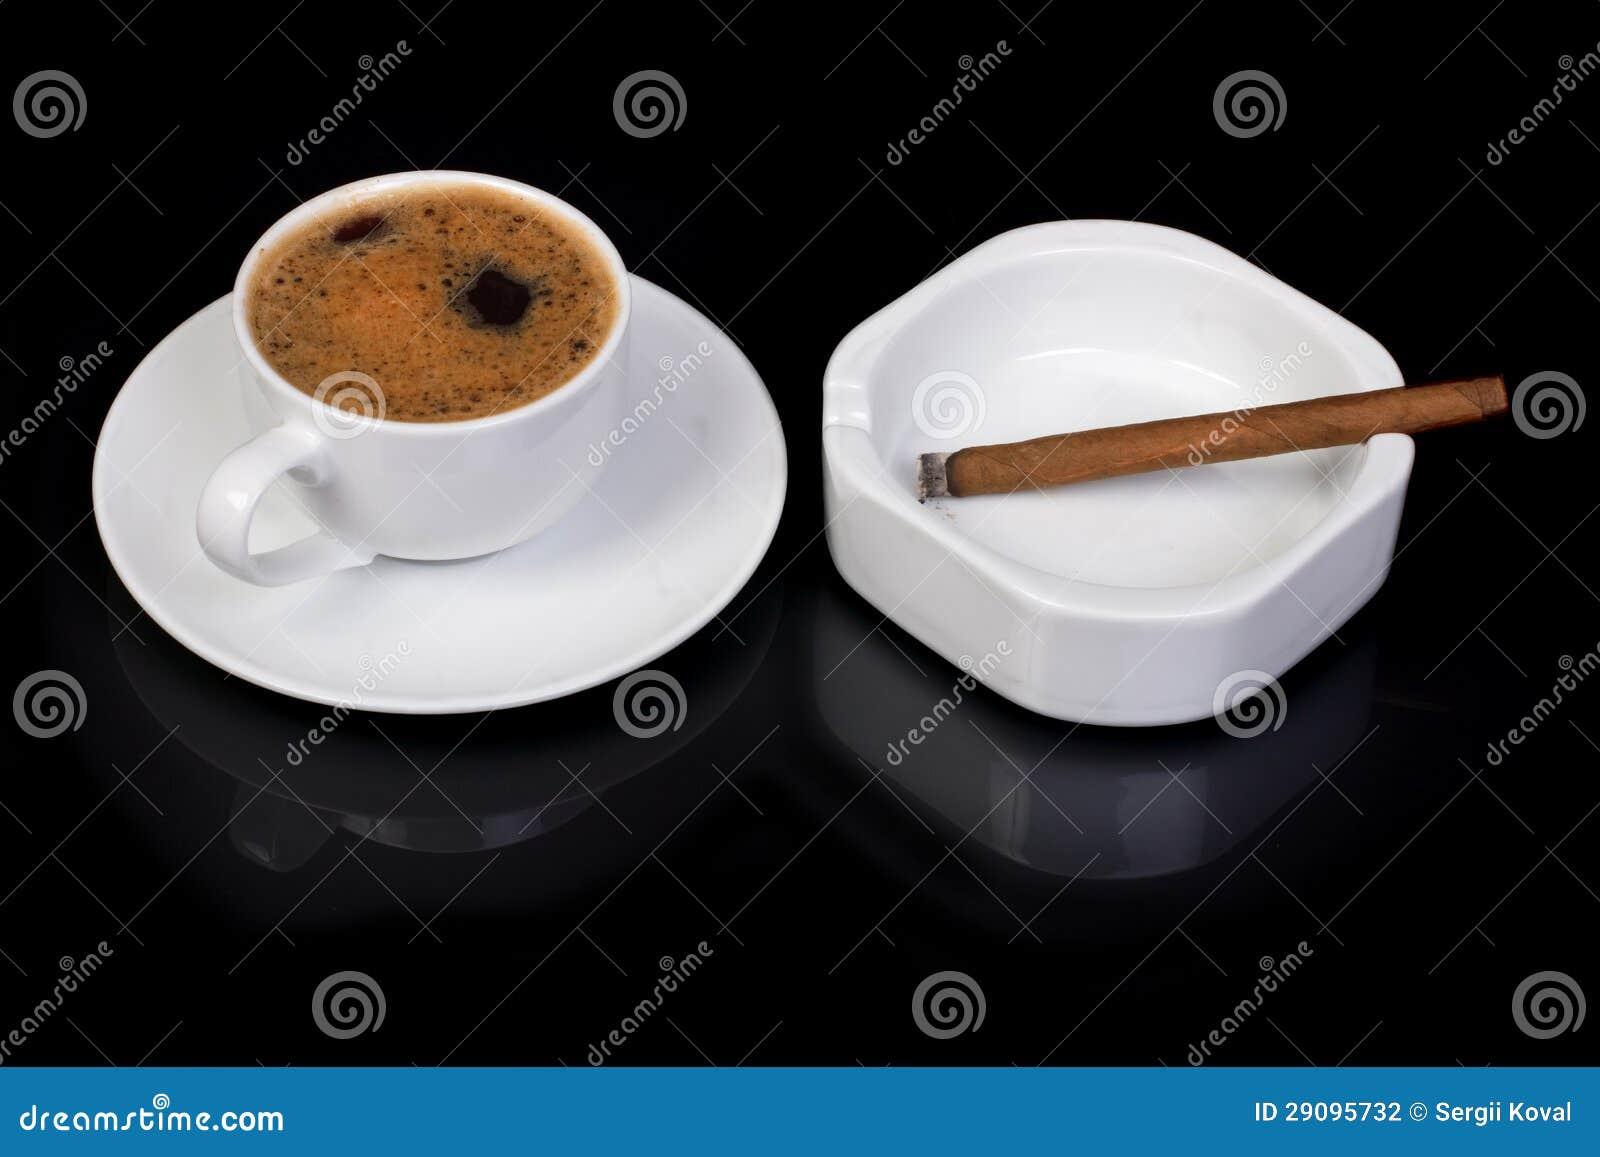 """Expresa tu momento """" in situ """" con una imagen - Página 32 Caf%C3%A9-caliente-y-fumar-un-cigarro-29095732"""